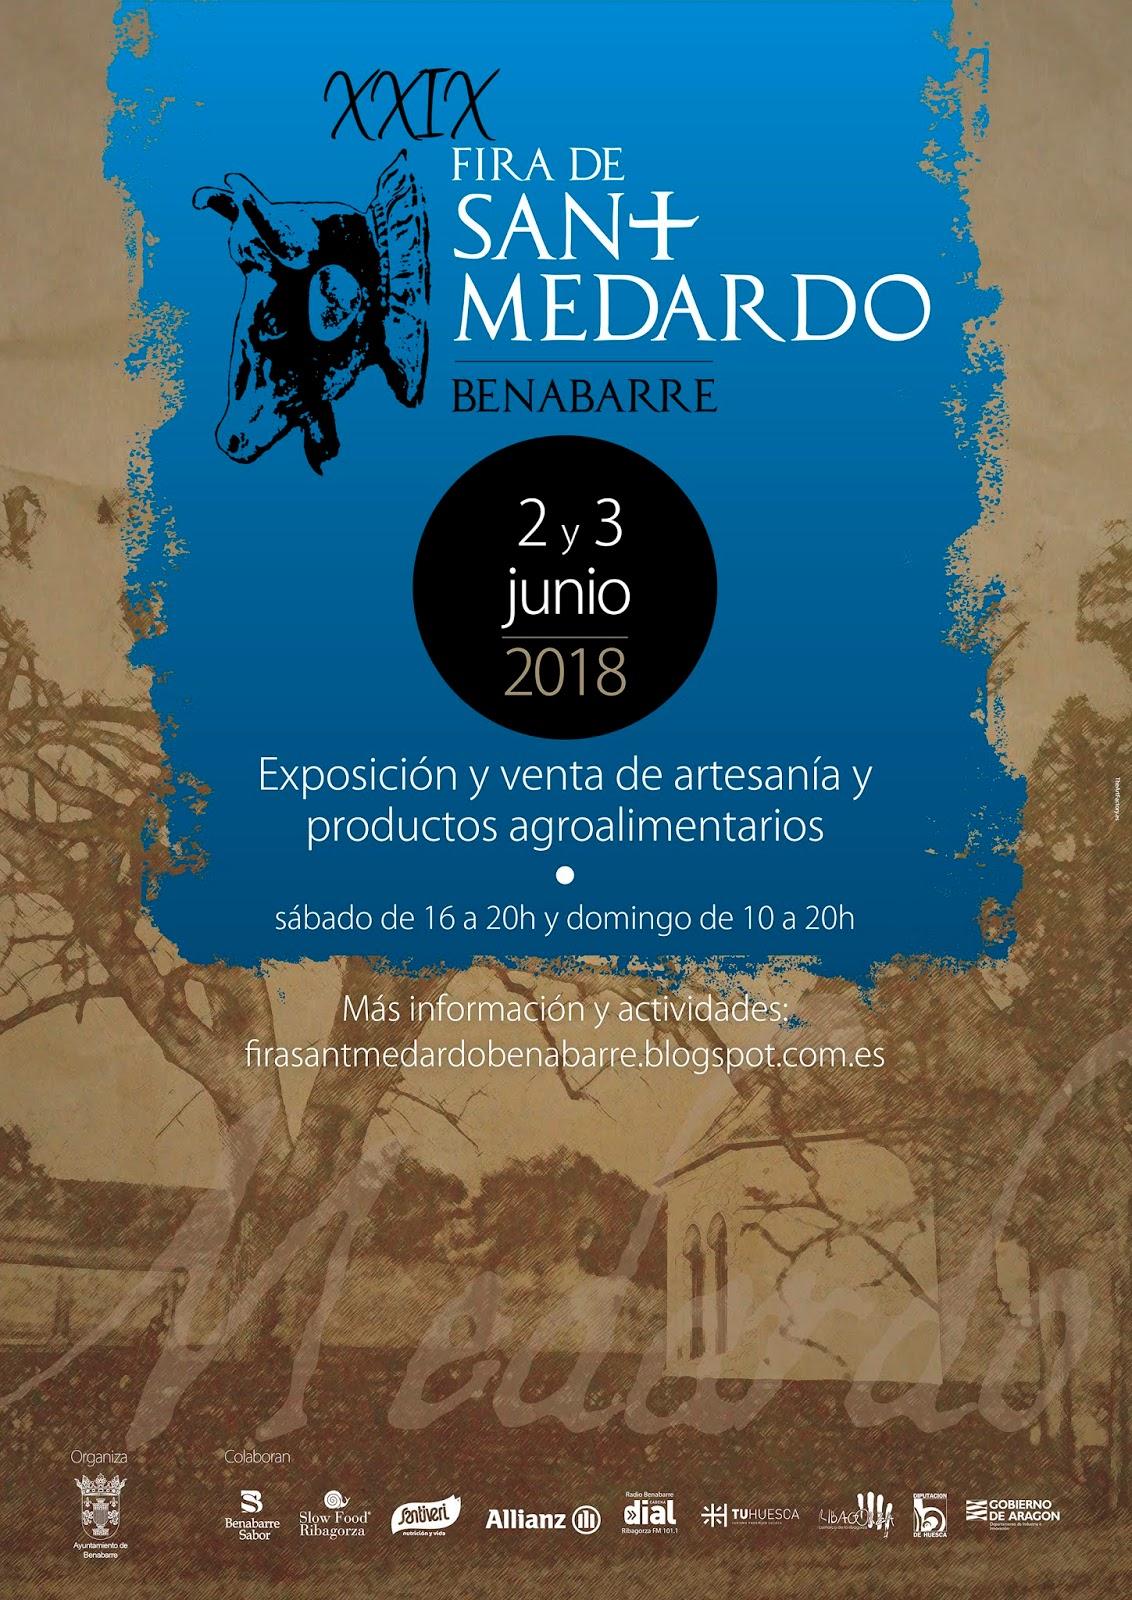 Cartell de la Fira de Sant Medard de l'any 2018. Benavarri, Ribagorça. Osca, Aragó. Montsec de l'Estall